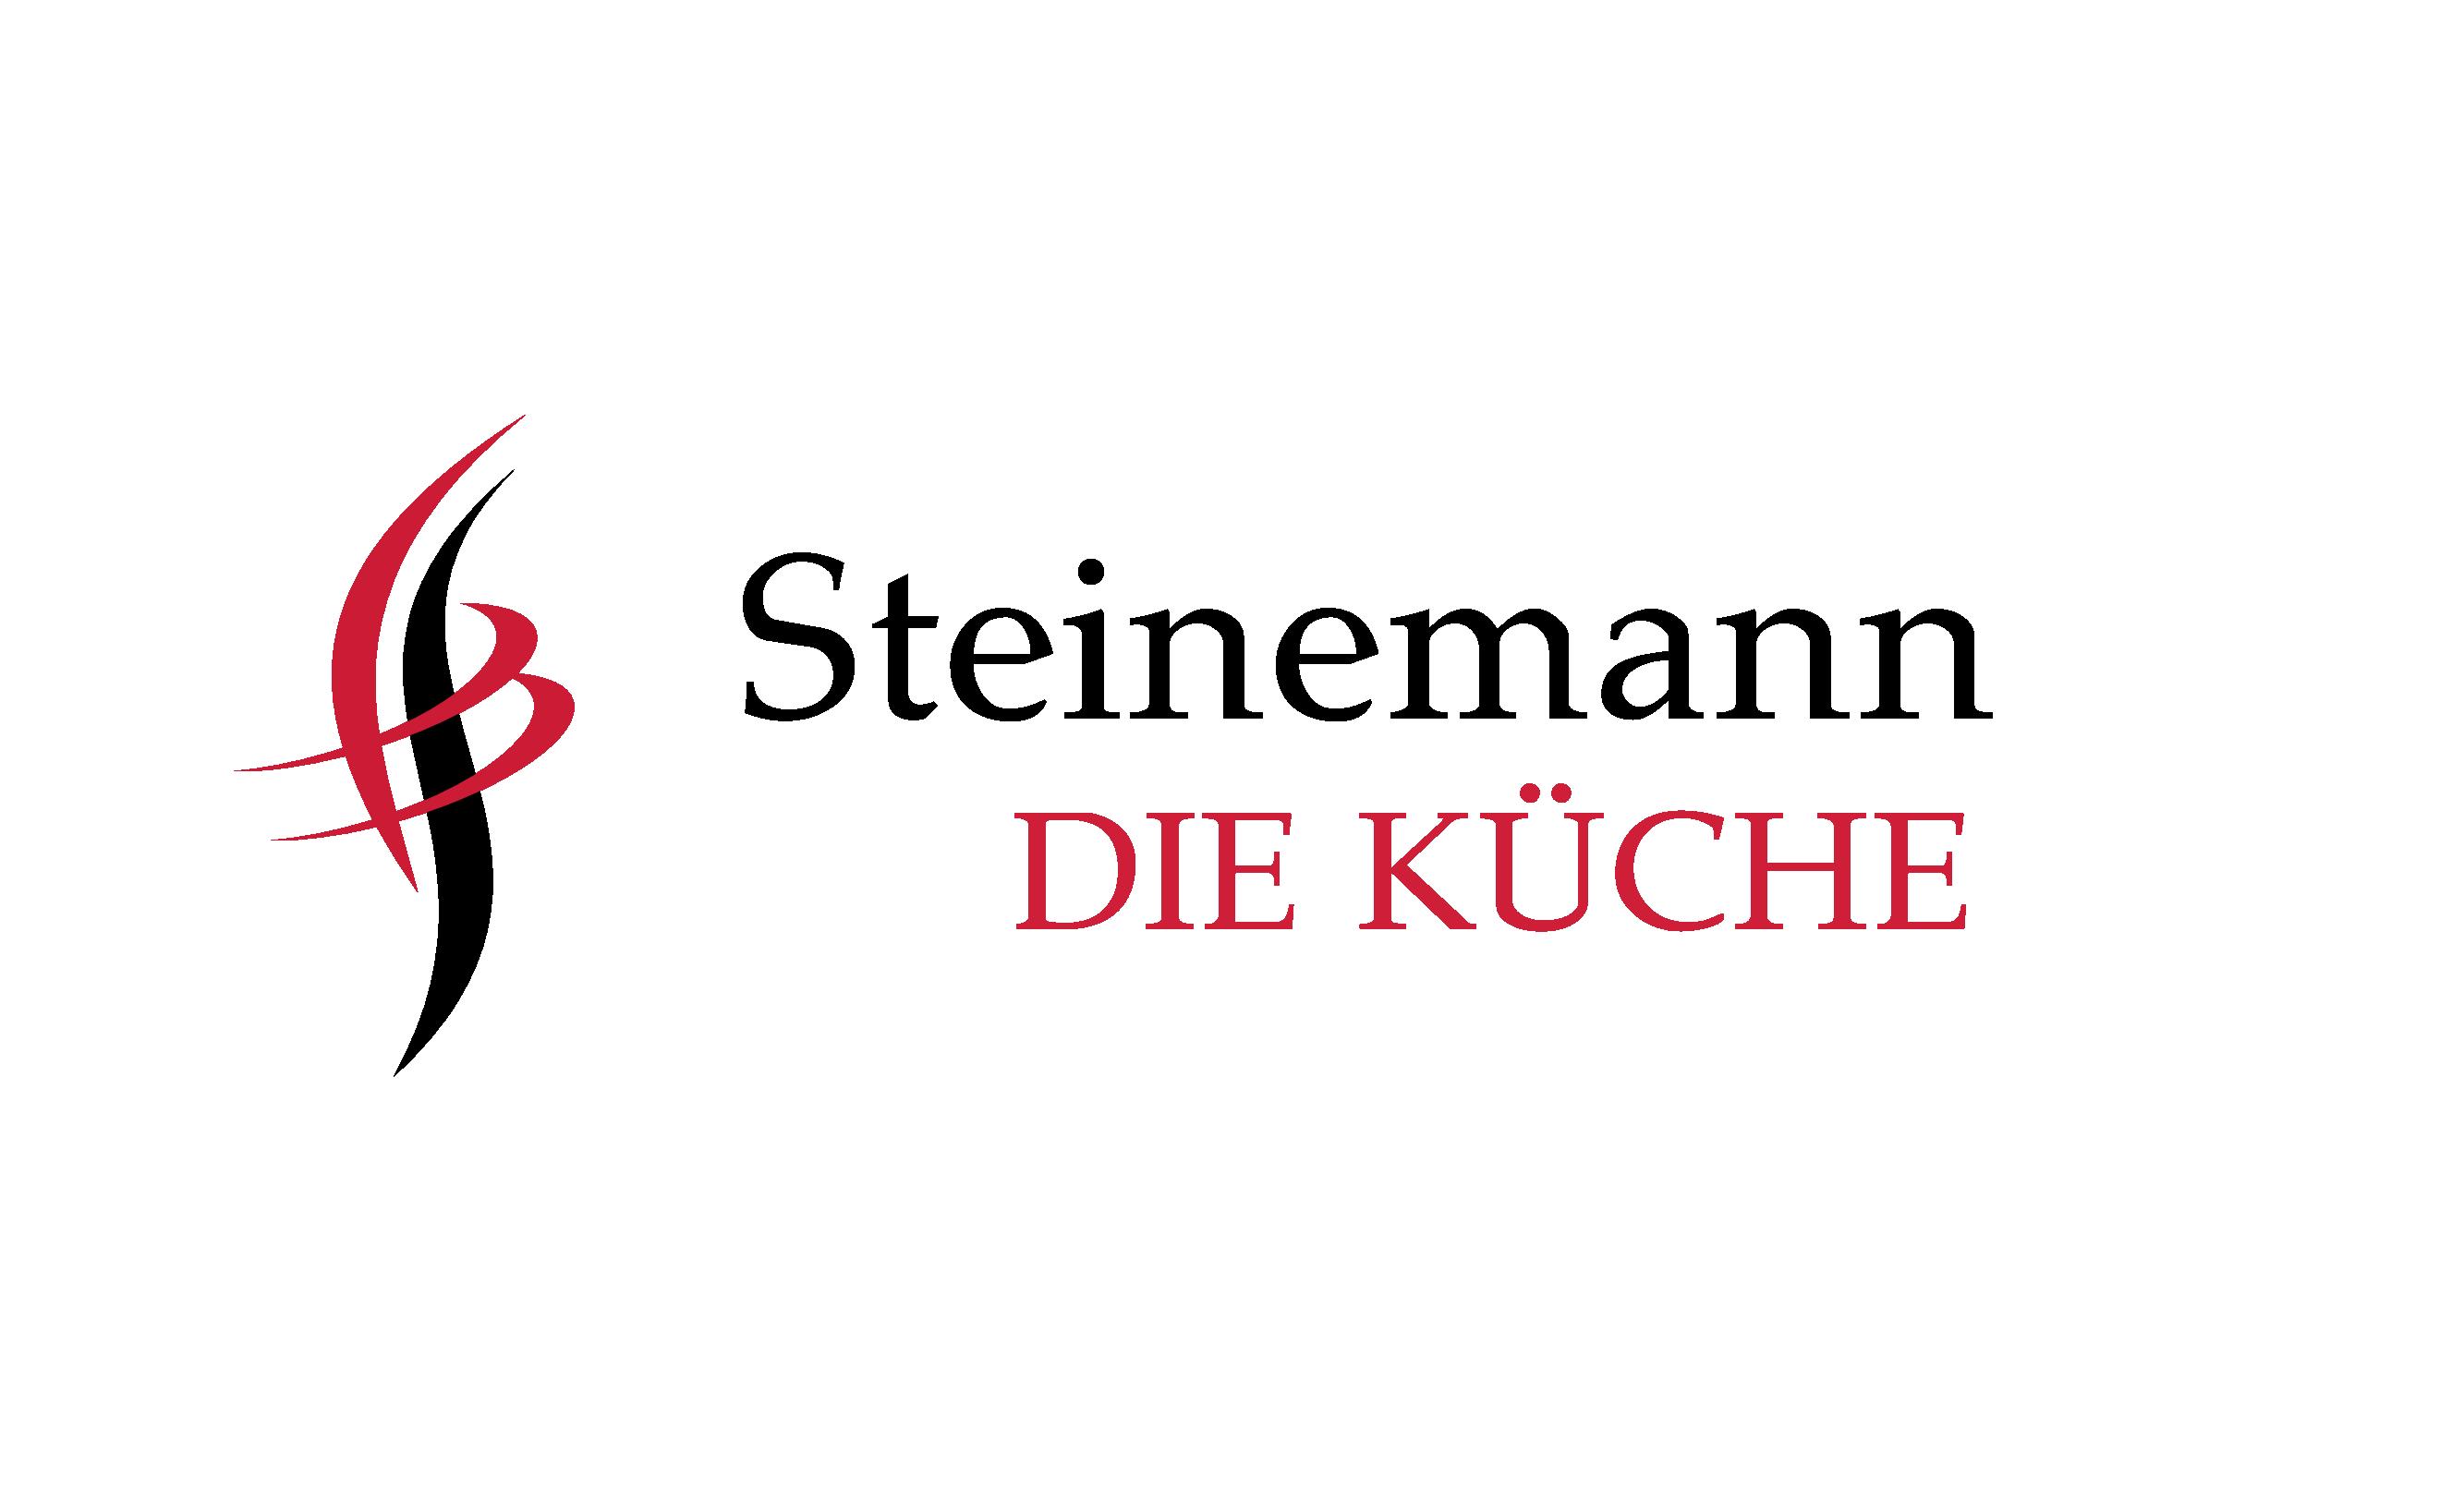 Steinemann Die Küche Möbel In Helmstedt Adresse öffnungszeiten